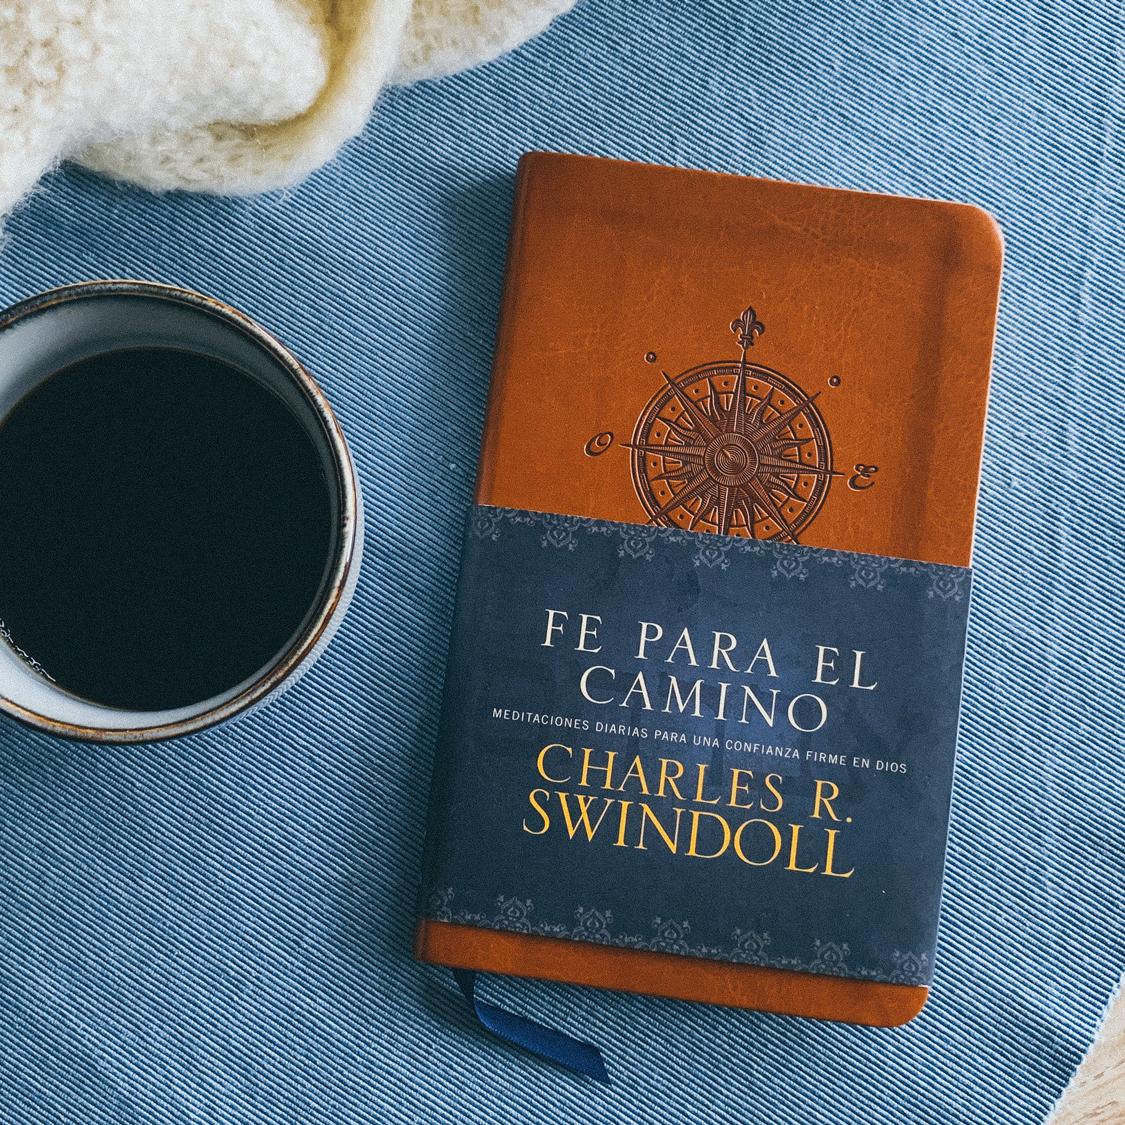 Fotografía del libro Fe para el camino de Charles R. Swindoll